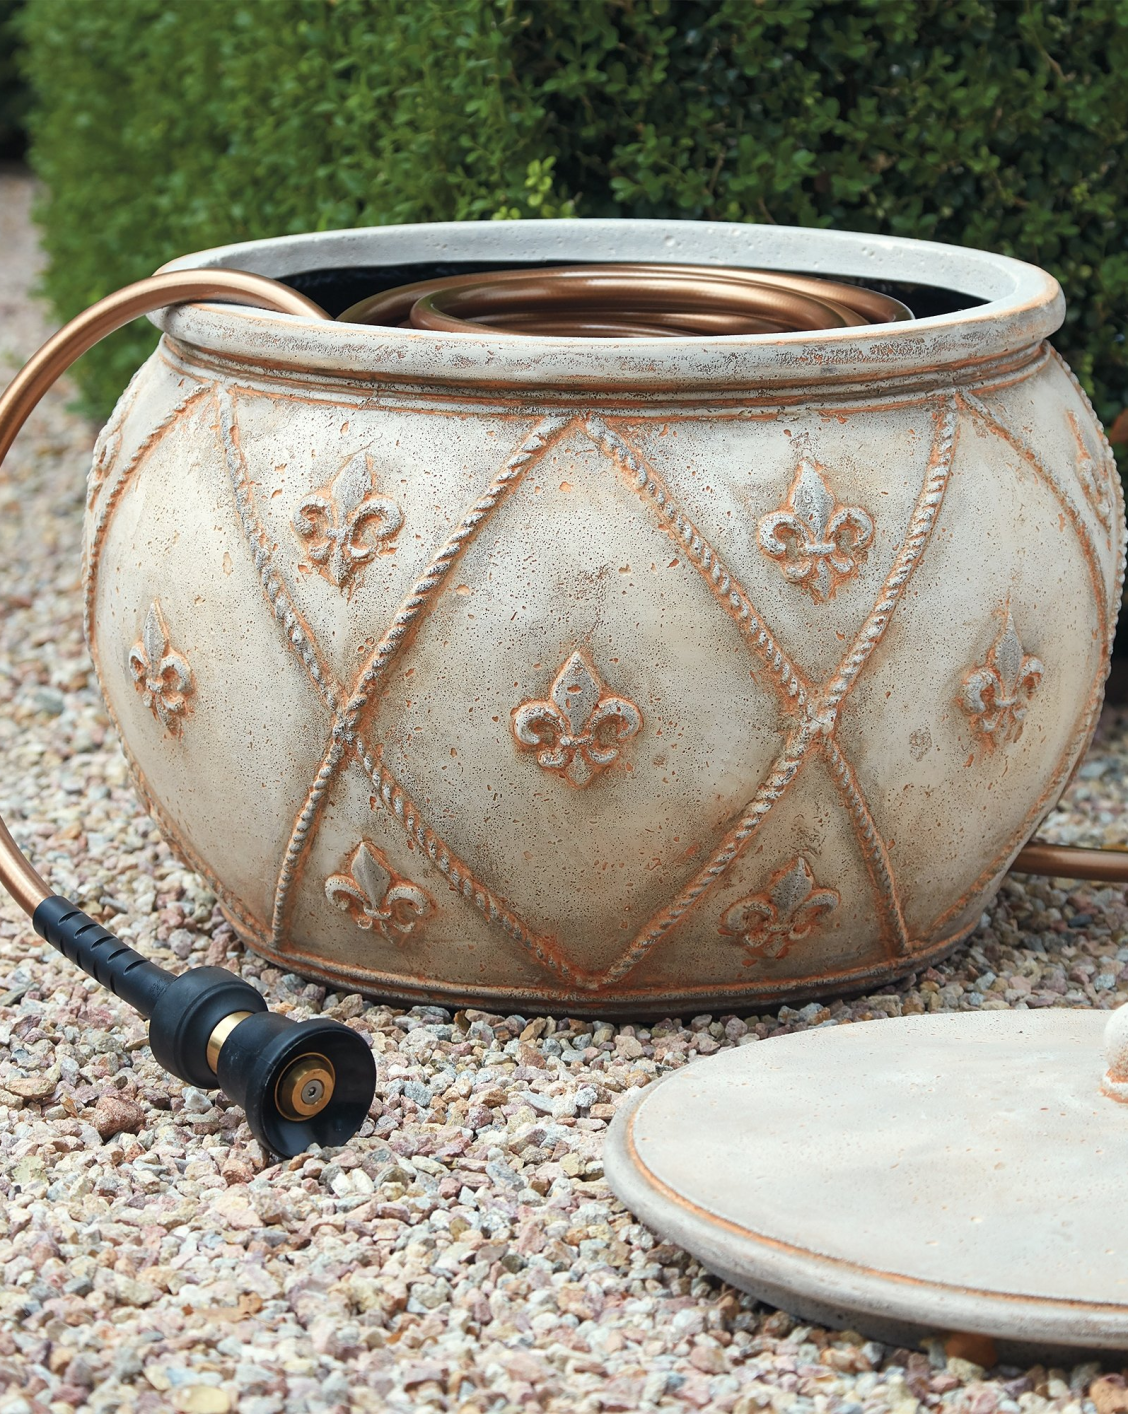 Fleur De Lis Hose Pot Frontgate Luxury Garden Garden Hose Storage Tuscany Style